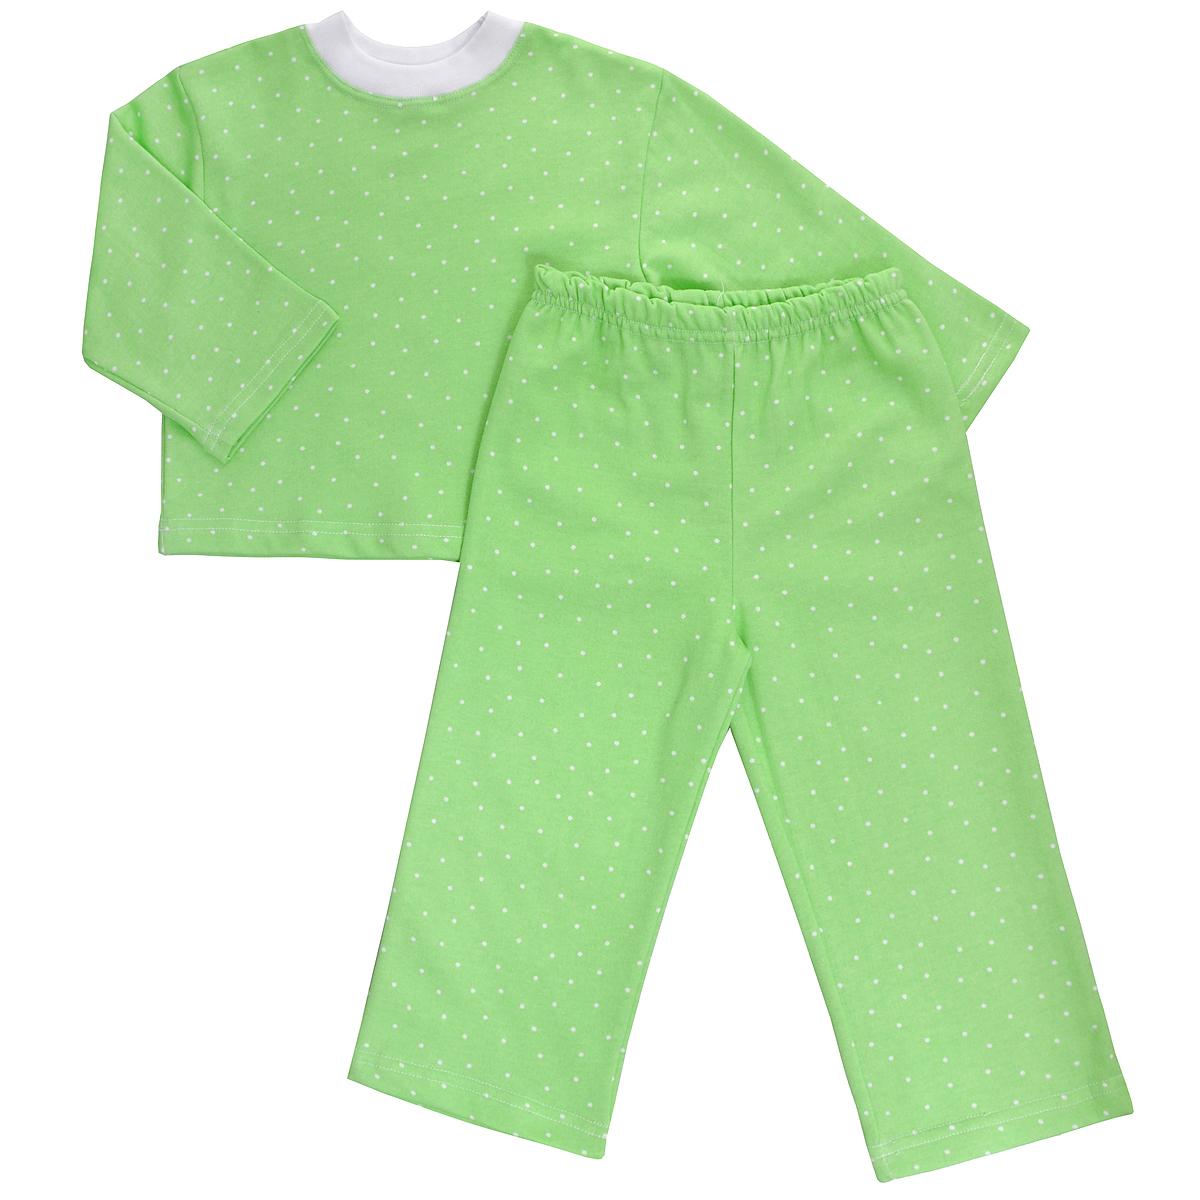 Пижама5553Яркая детская пижама Трон-плюс, состоящая из кофточки и штанишек, идеально подойдет вашему малышу и станет отличным дополнением к детскому гардеробу. Теплая пижама, изготовленная из набивного футера - натурального хлопка, необычайно мягкая и легкая, не сковывает движения ребенка, позволяет коже дышать и не раздражает даже самую нежную и чувствительную кожу малыша. Кофта с длинными рукавами имеет круглый вырез горловины. Штанишки на удобной резинке не сдавливают животик ребенка и не сползают. В такой пижаме ваш ребенок будет чувствовать себя комфортно и уютно во время сна.